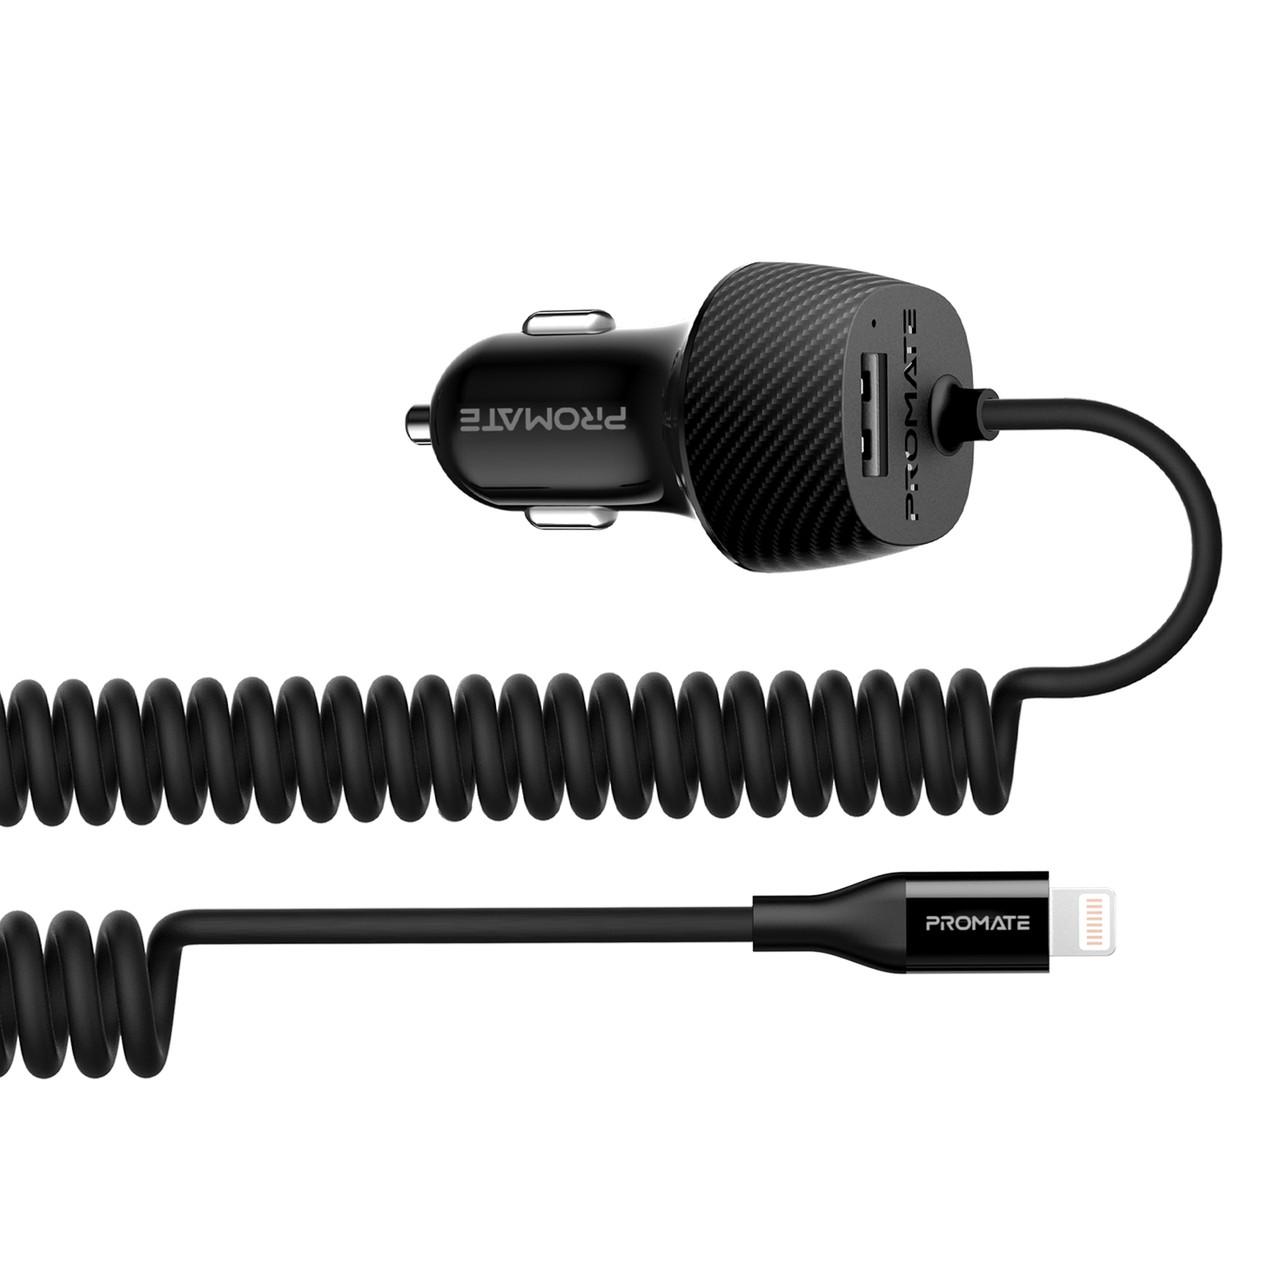 Автомобильное зарядное устройство Promate Voltrip-I 17Вт USB + Lightning Connector Black